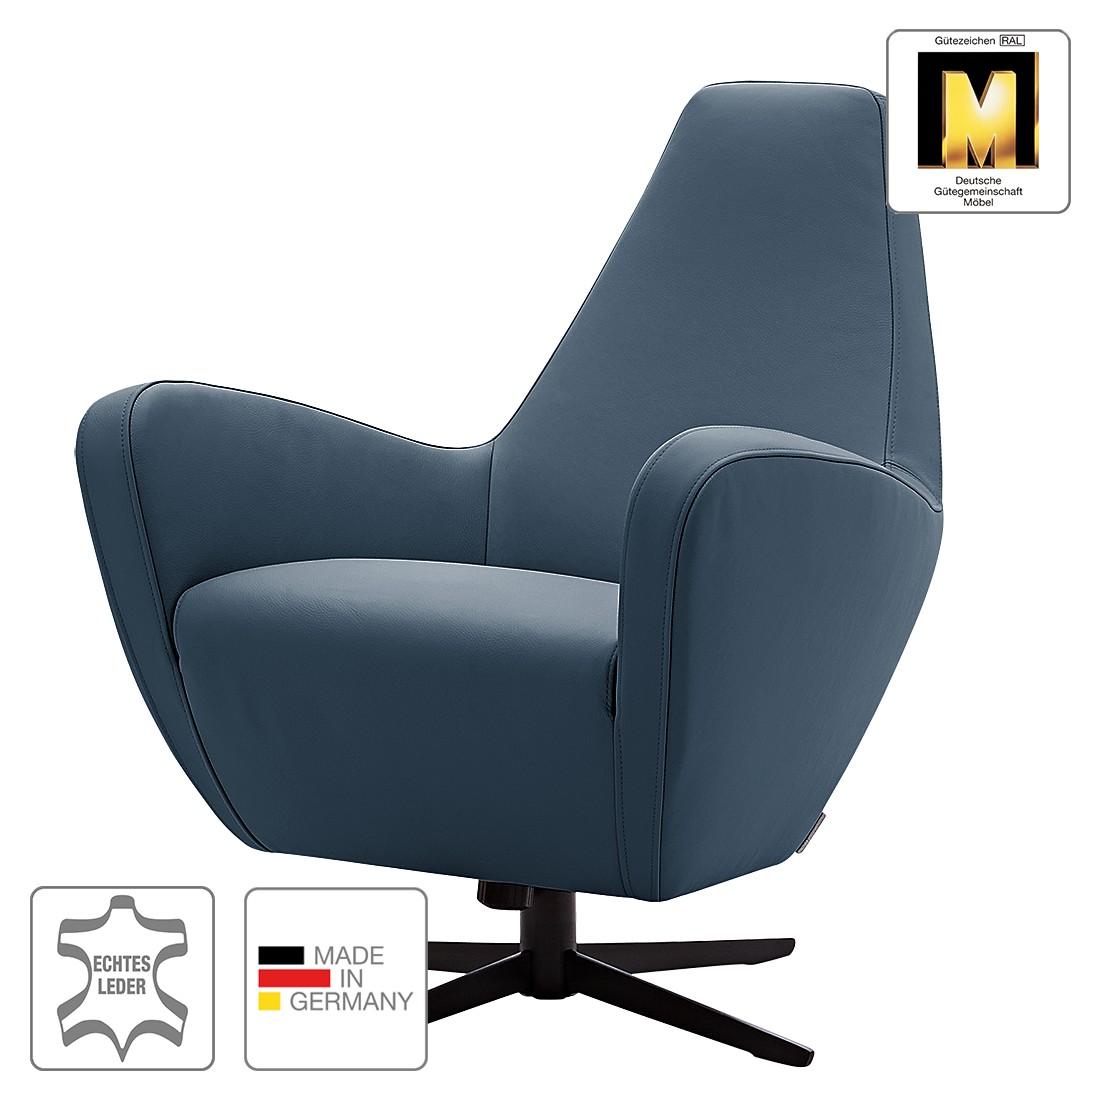 Sessel Polo I – Echtleder – Pulverschwarz – Marineblau, Machalke Polsterwerkstätten online bestellen